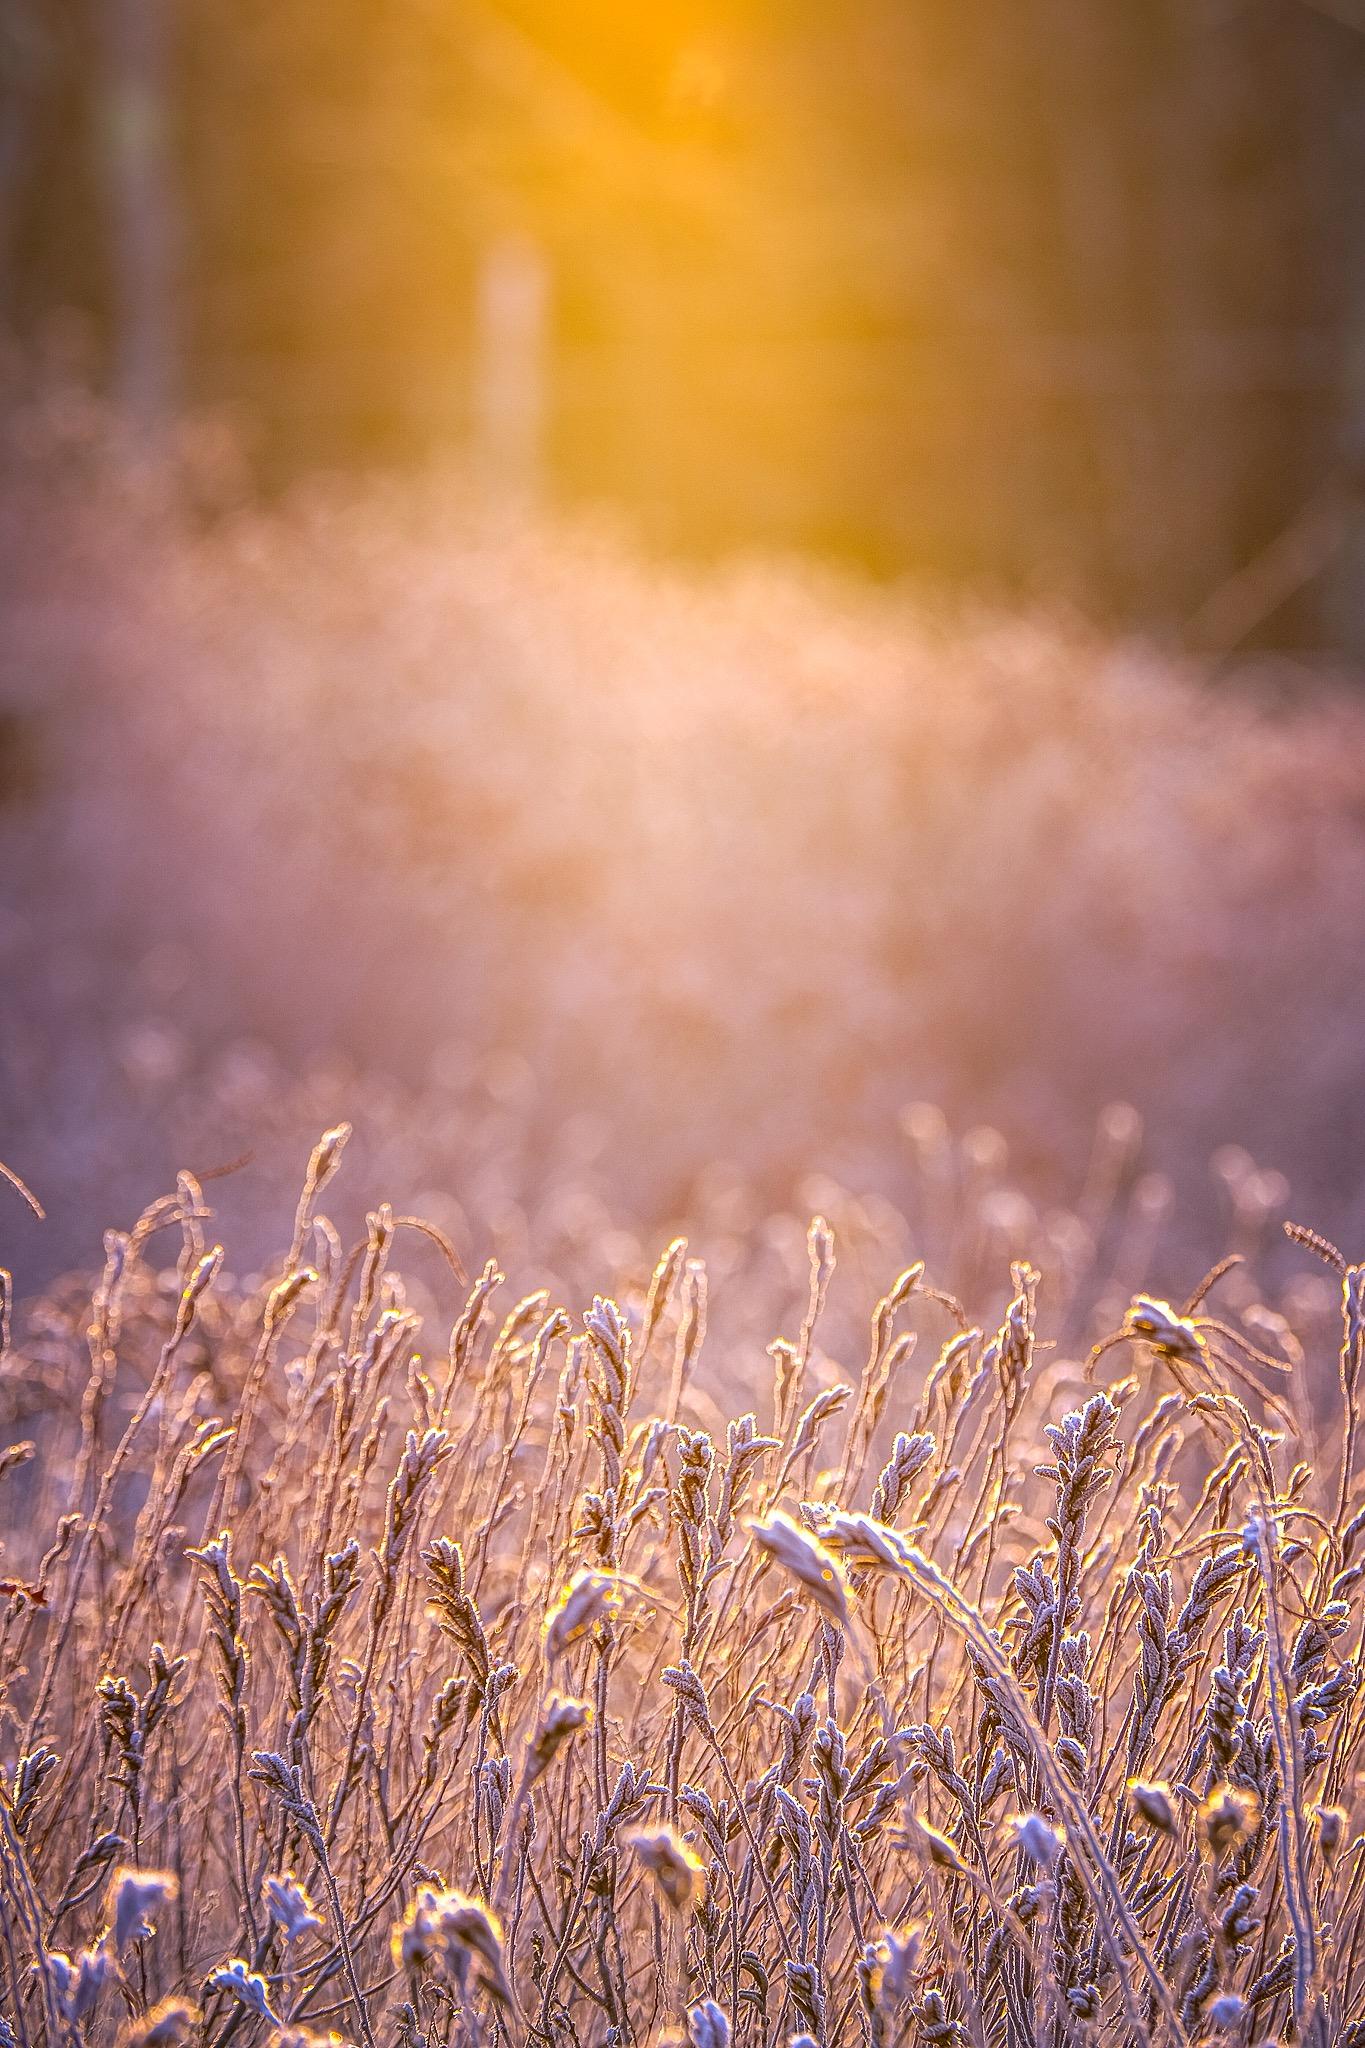 sweet fern in golden sunlight